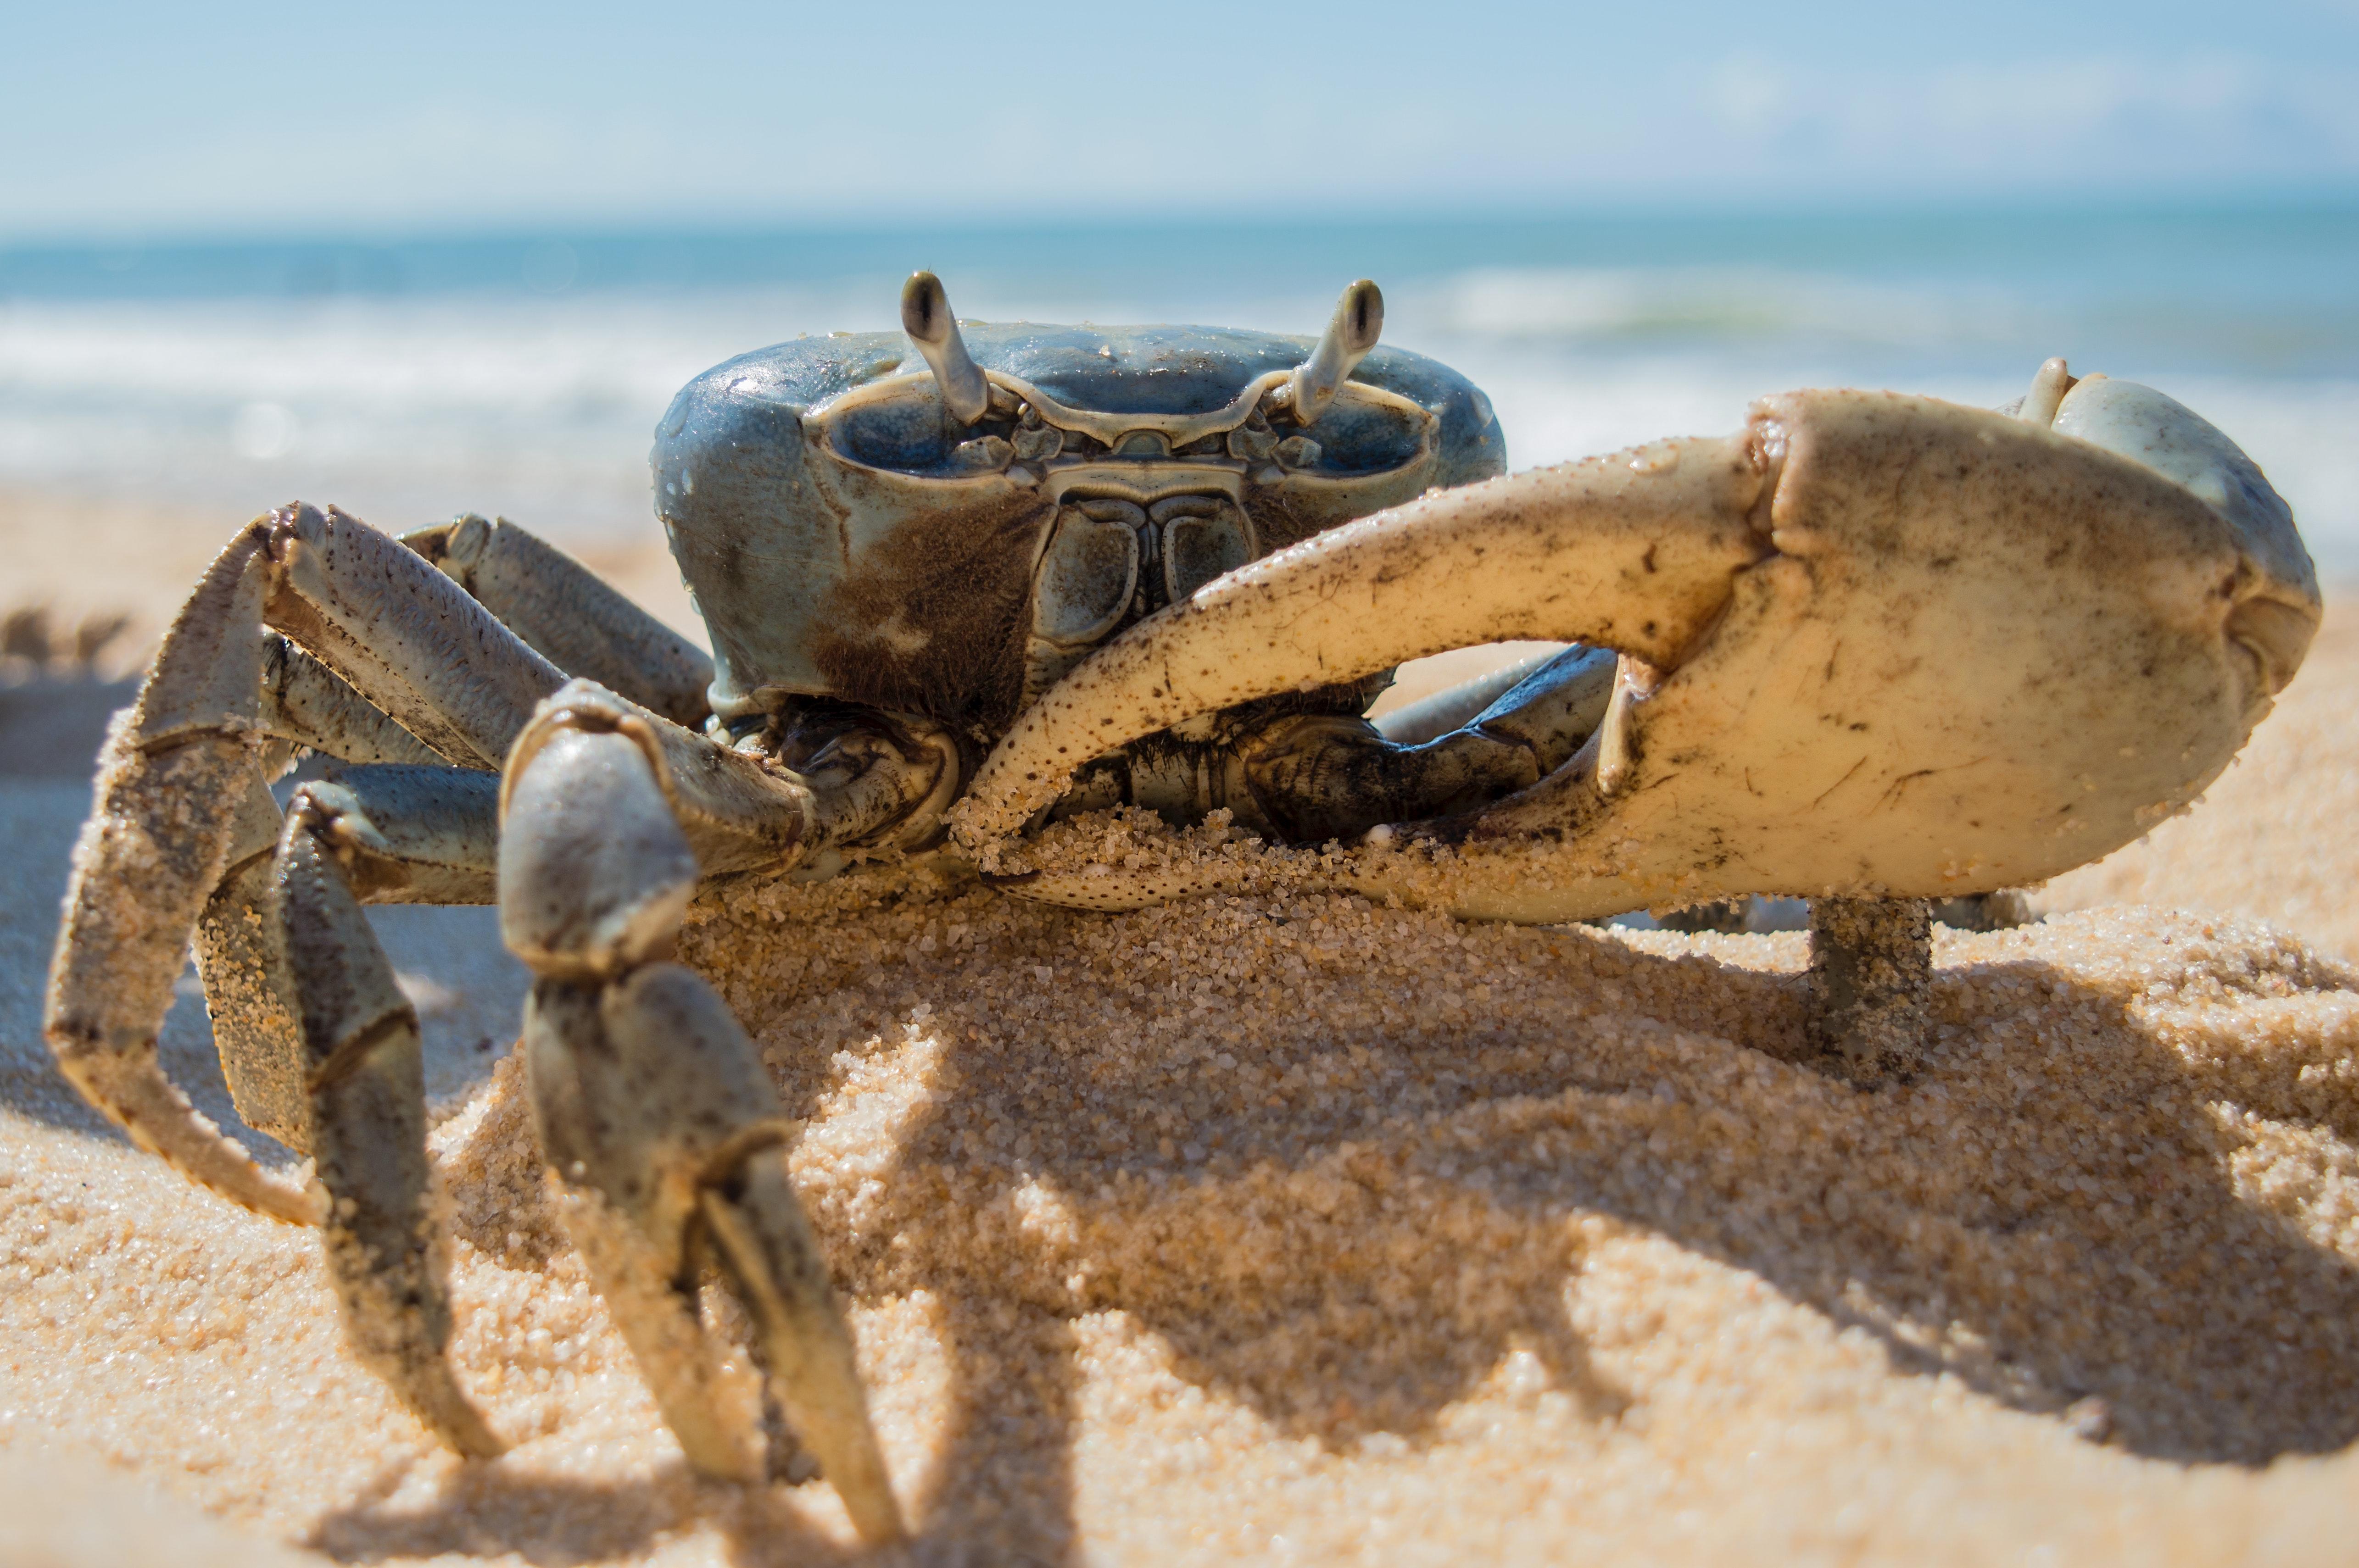 beach-claw-claws-306908.jpg